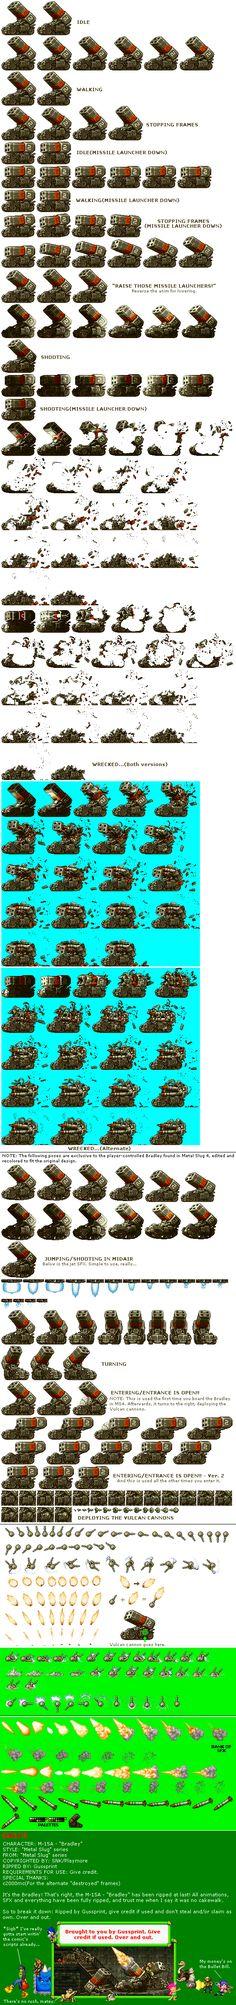 Secuencias de animación de videojuegos 2D antiguos